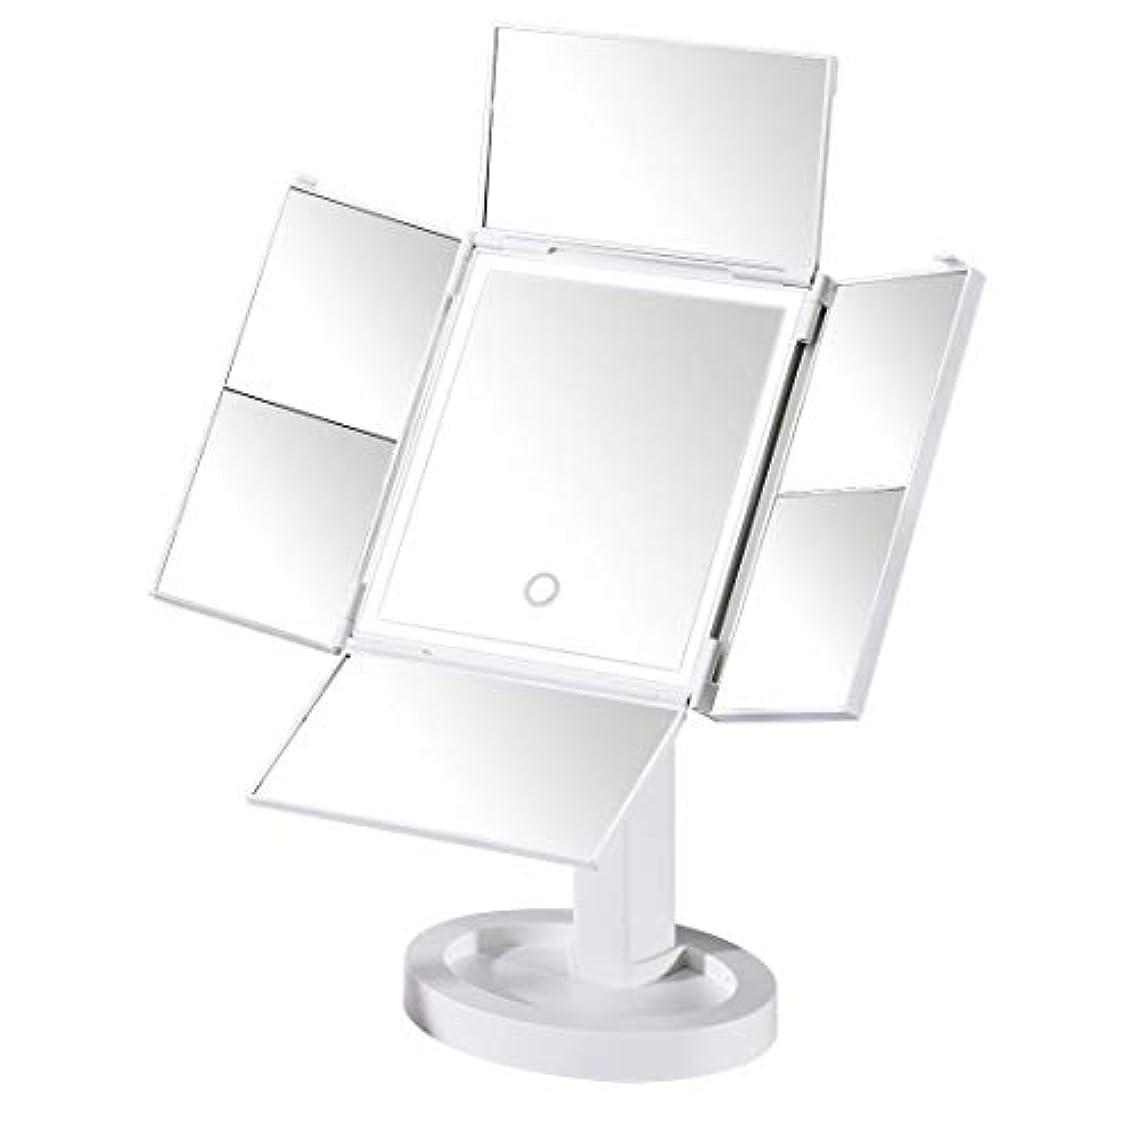 部分ために側面化粧鏡 HeHui-DG スタンドミラー 2 x 3 x 5 x 7 x拡大鏡付き 折りたたみ式 女優ミラー 卓上ミラー LEDミラー 折りたたみミラー タッチセンサー 2WAY給電式 電池&USB 角度調整可能 プレゼント